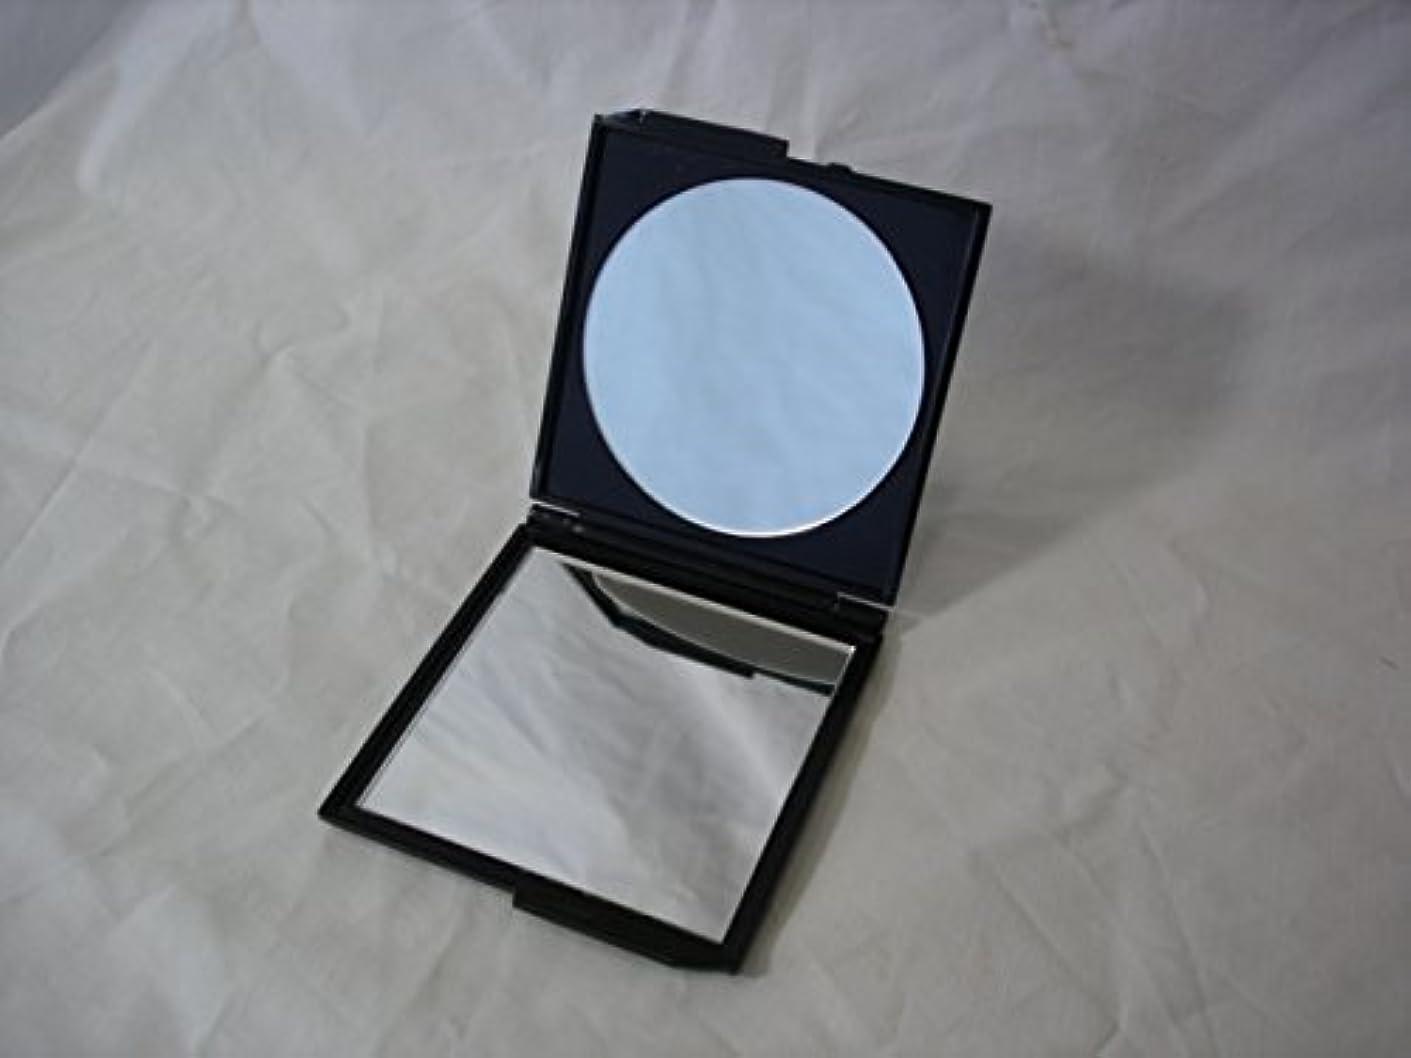 しなやかな補助金サスペンション日本製コンパクトミラー2倍拡大鏡付角型ブラック